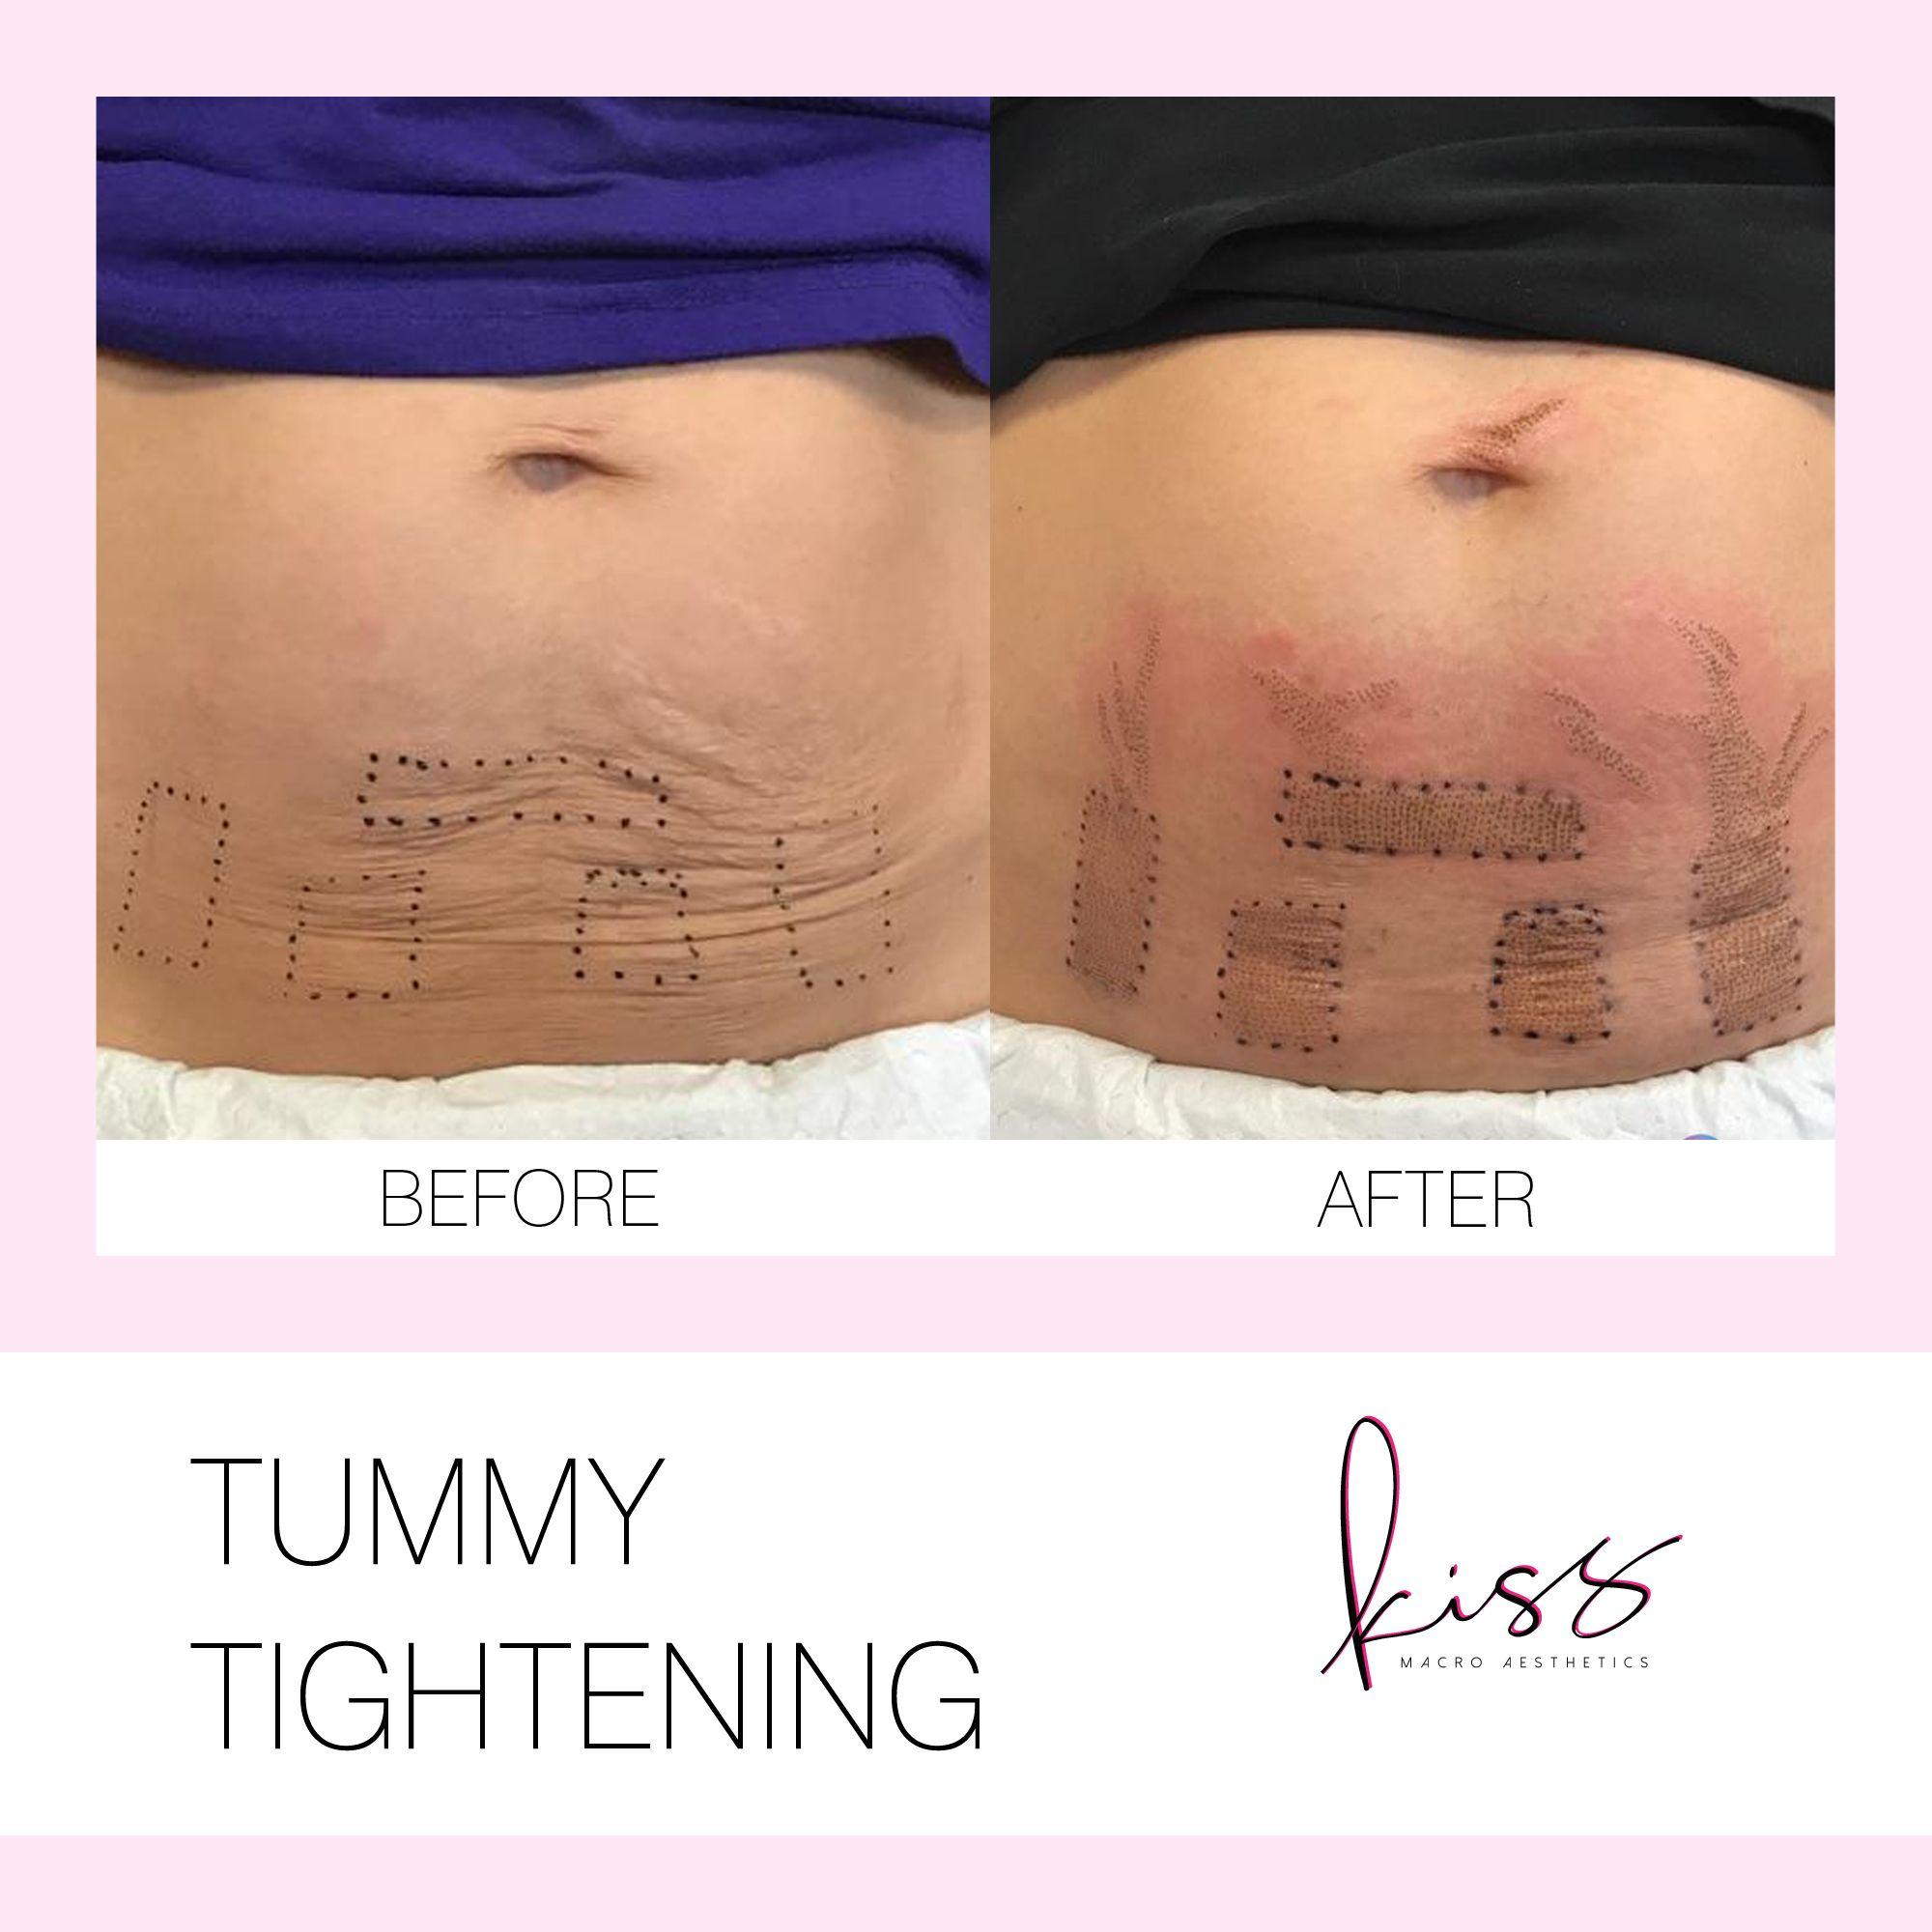 Plasma Lift Fibroblast Toronto Skin Tightening Tummy Skin Tightening Face Skin Tightening Stomach